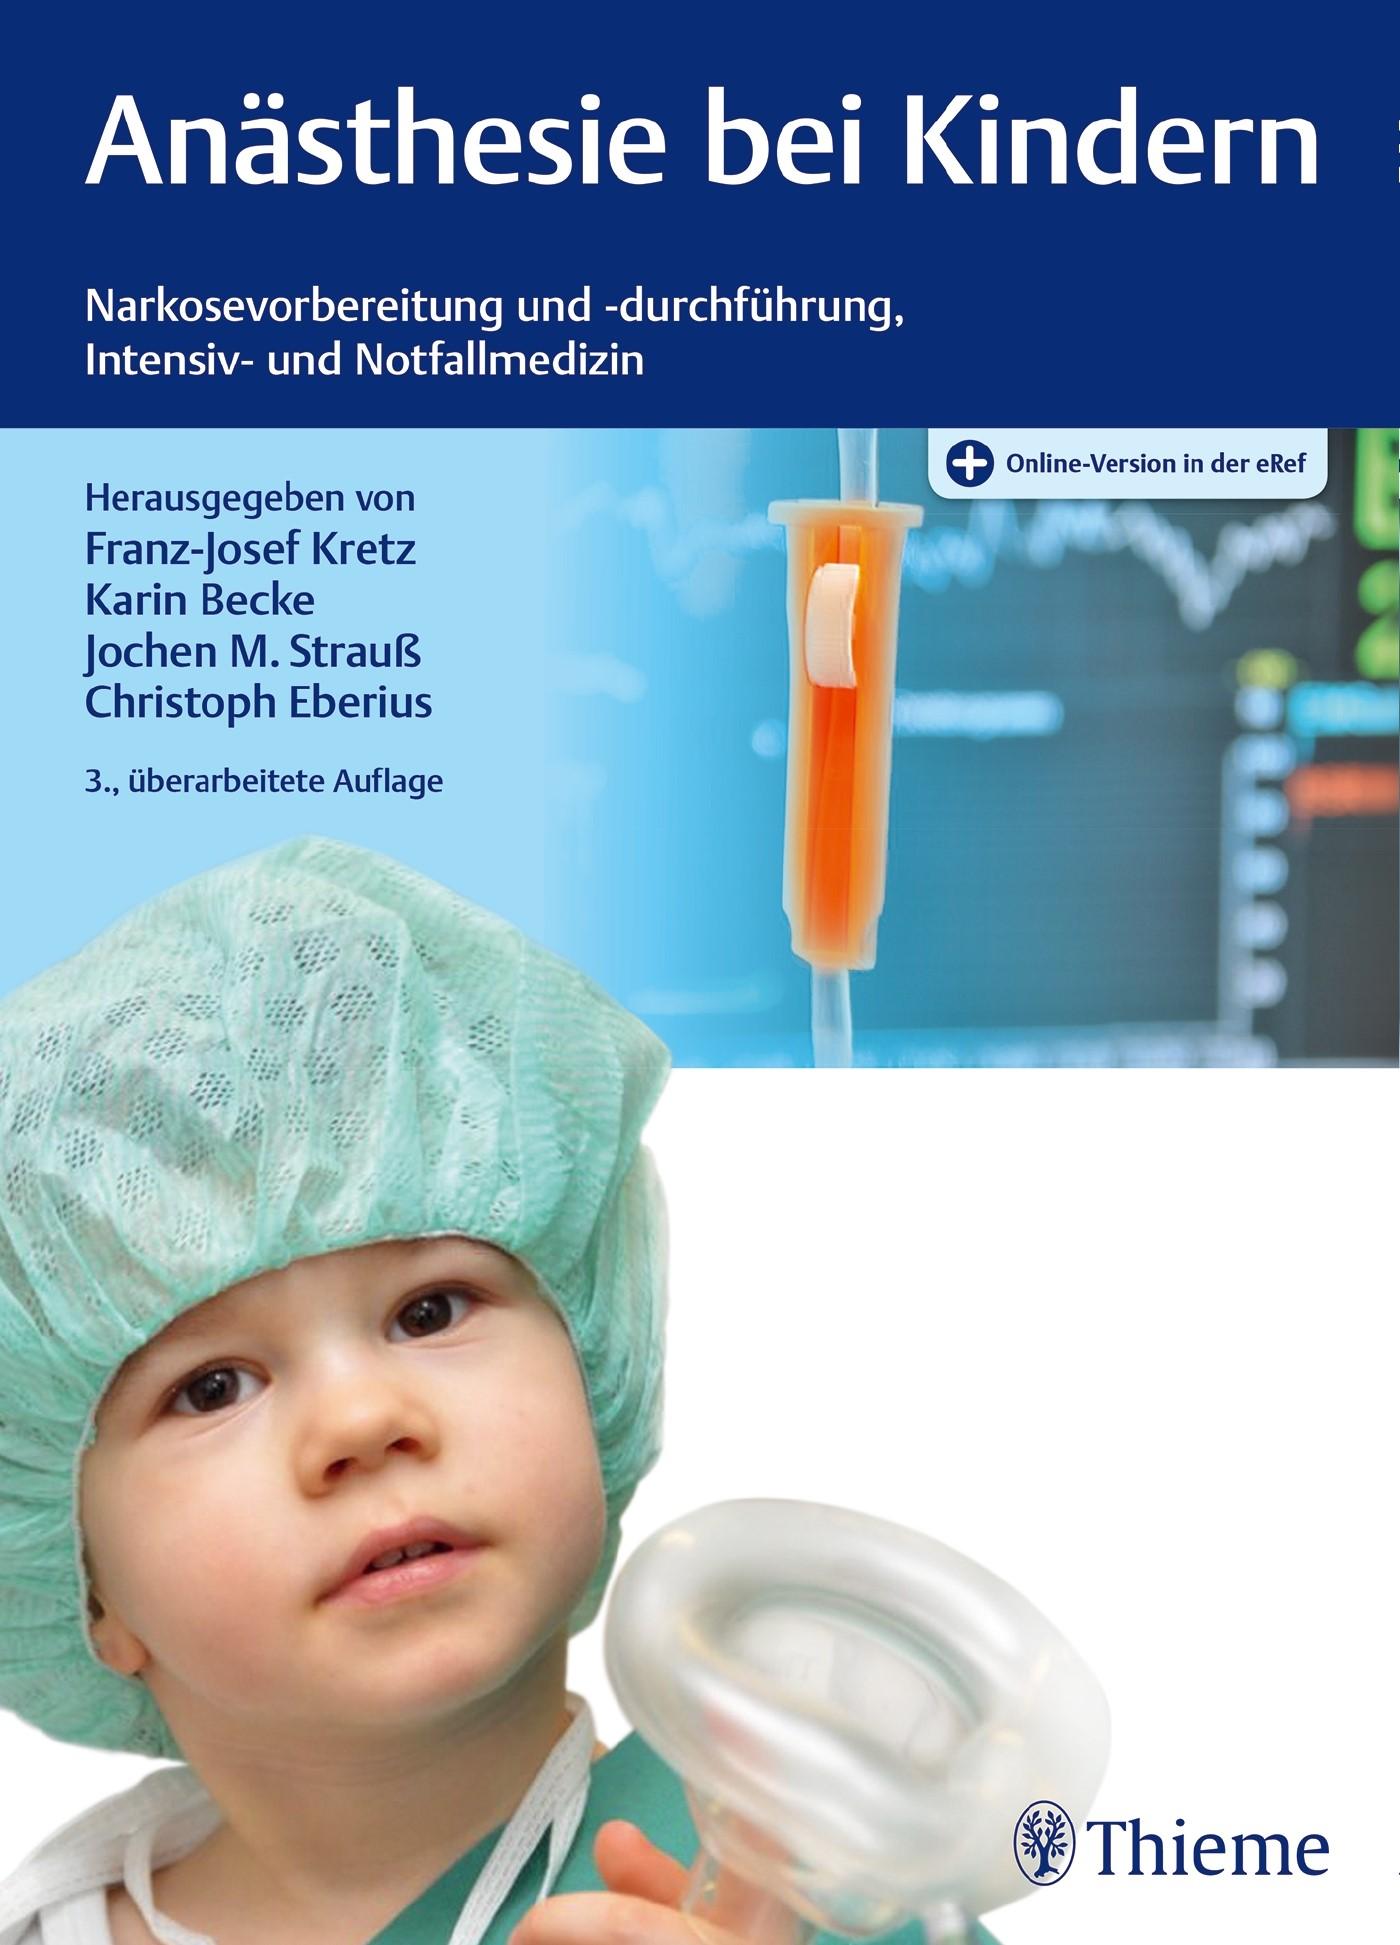 Anästhesie bei Kindern | Kretz / Becke / Strauß / Eberius (Hrsg.) | 3. überarbeitete Auflage., 2017 (Cover)